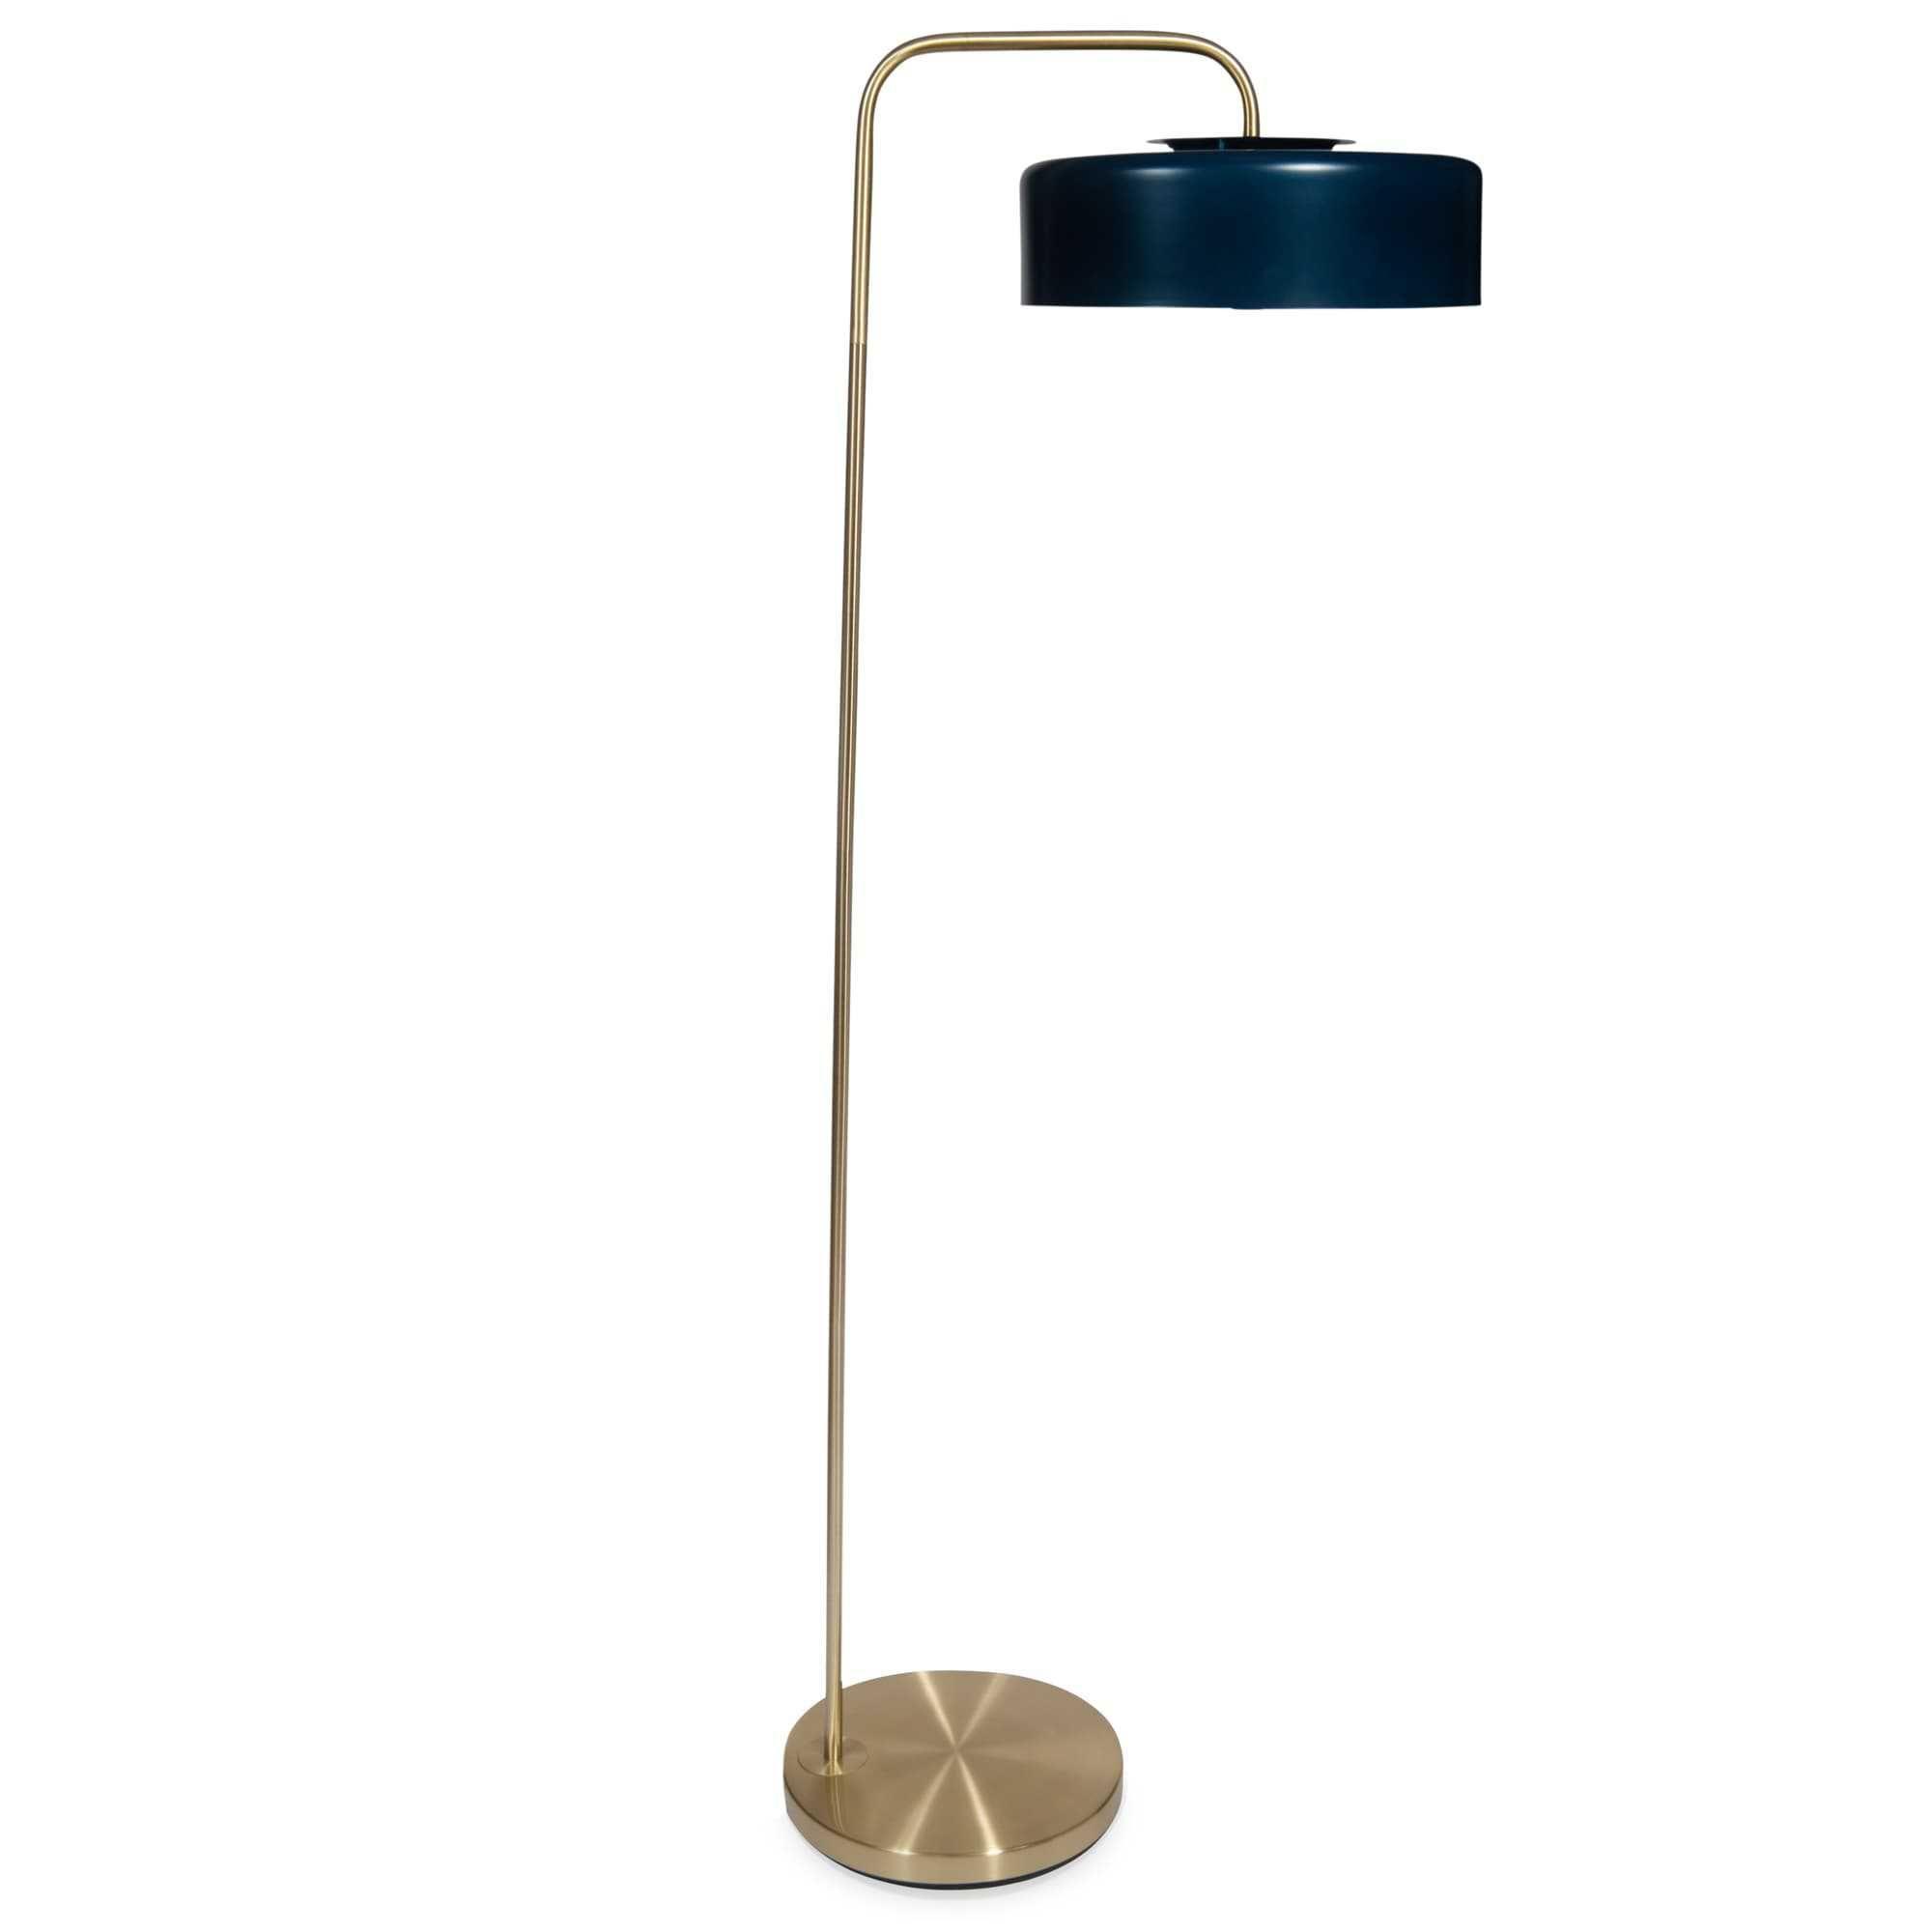 Lampadaires Lampadaire Lampe Sur Pied Lampadaire Salon